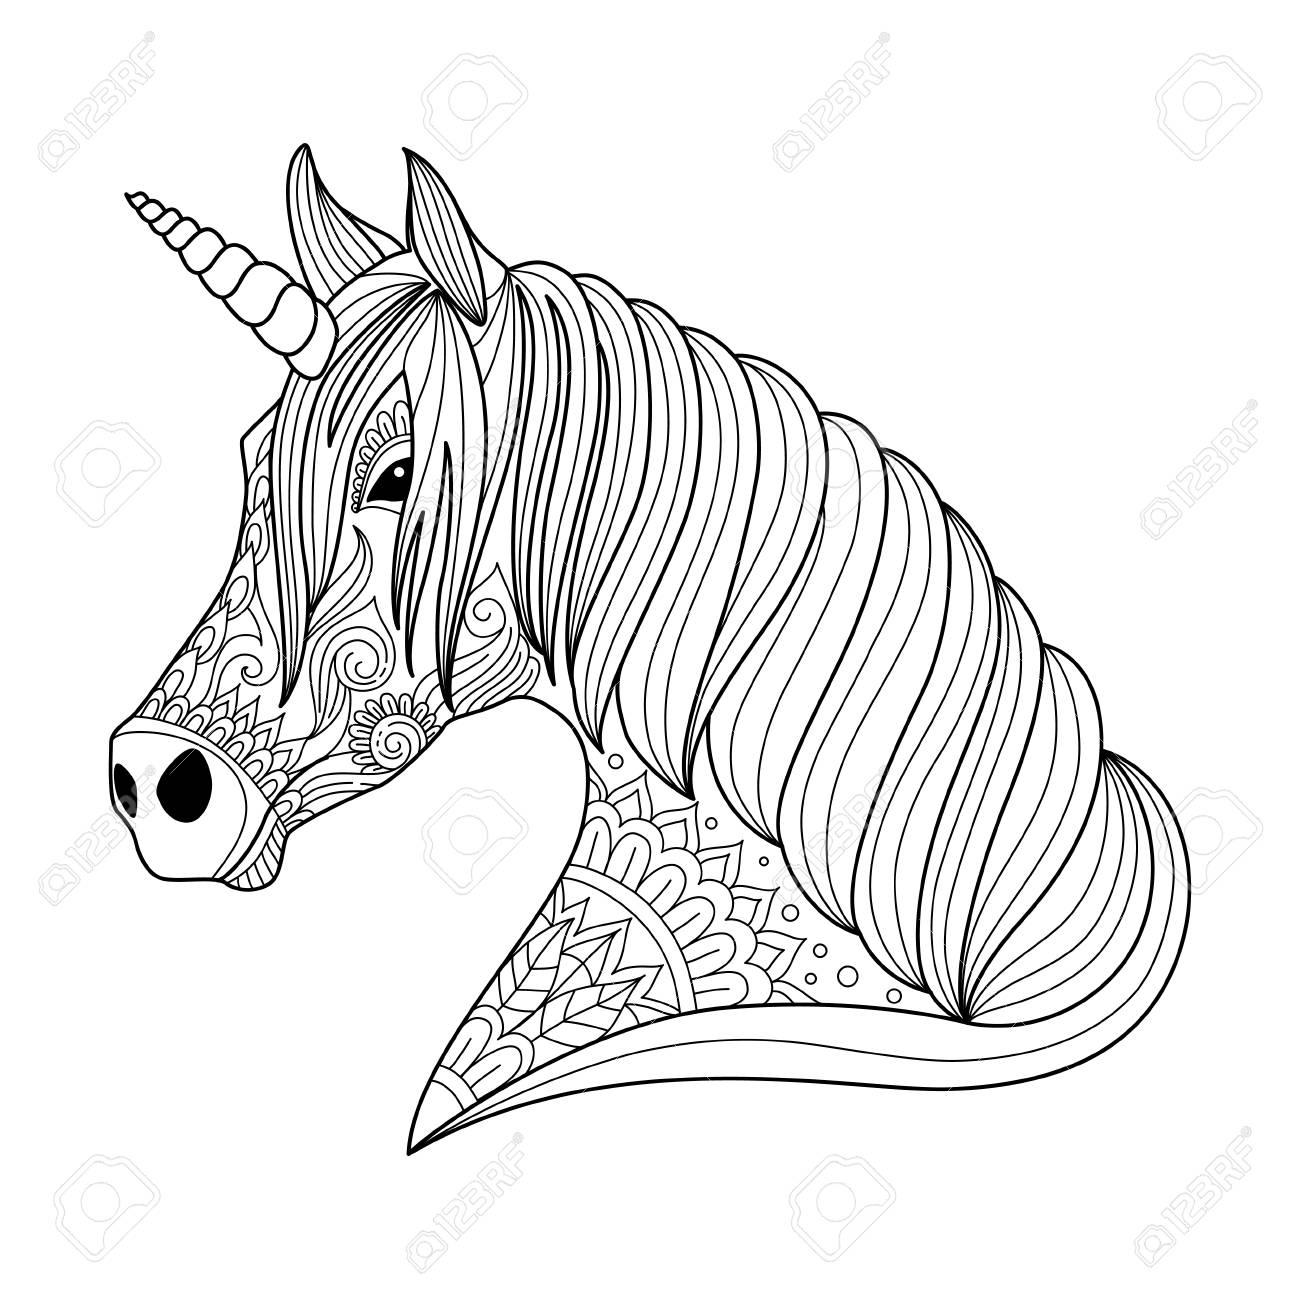 Dibujo Unicornio Estilo Zentangle Para Adultos Y Ninos Para Colorear